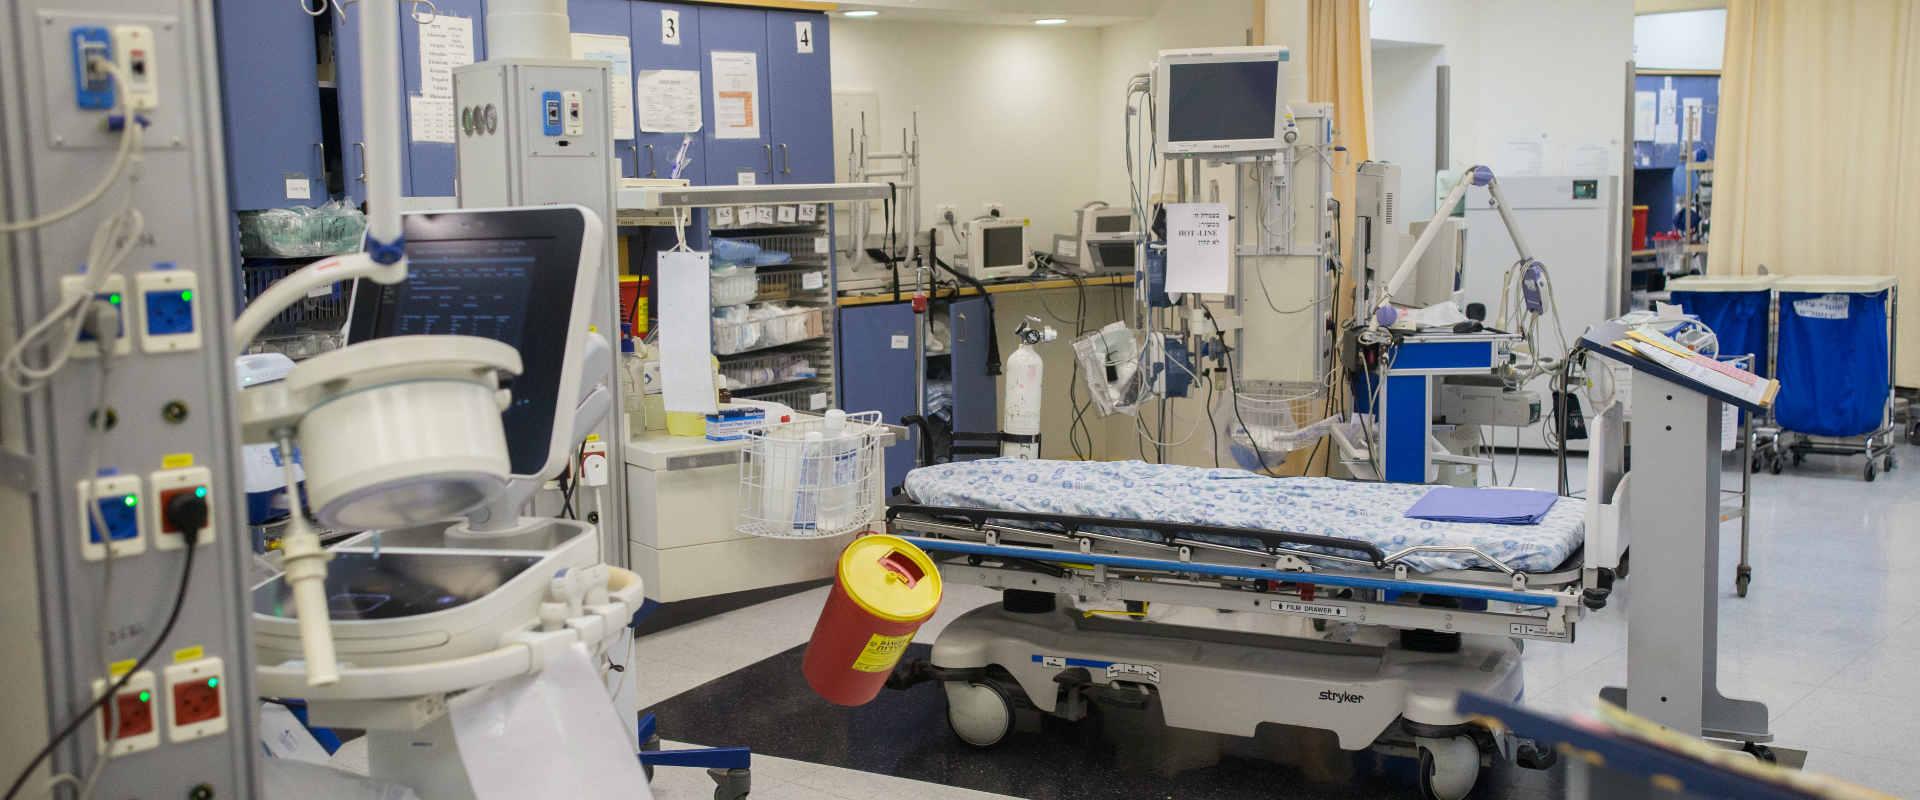 """בית החולים """"הלל יפה"""" בחדרה"""